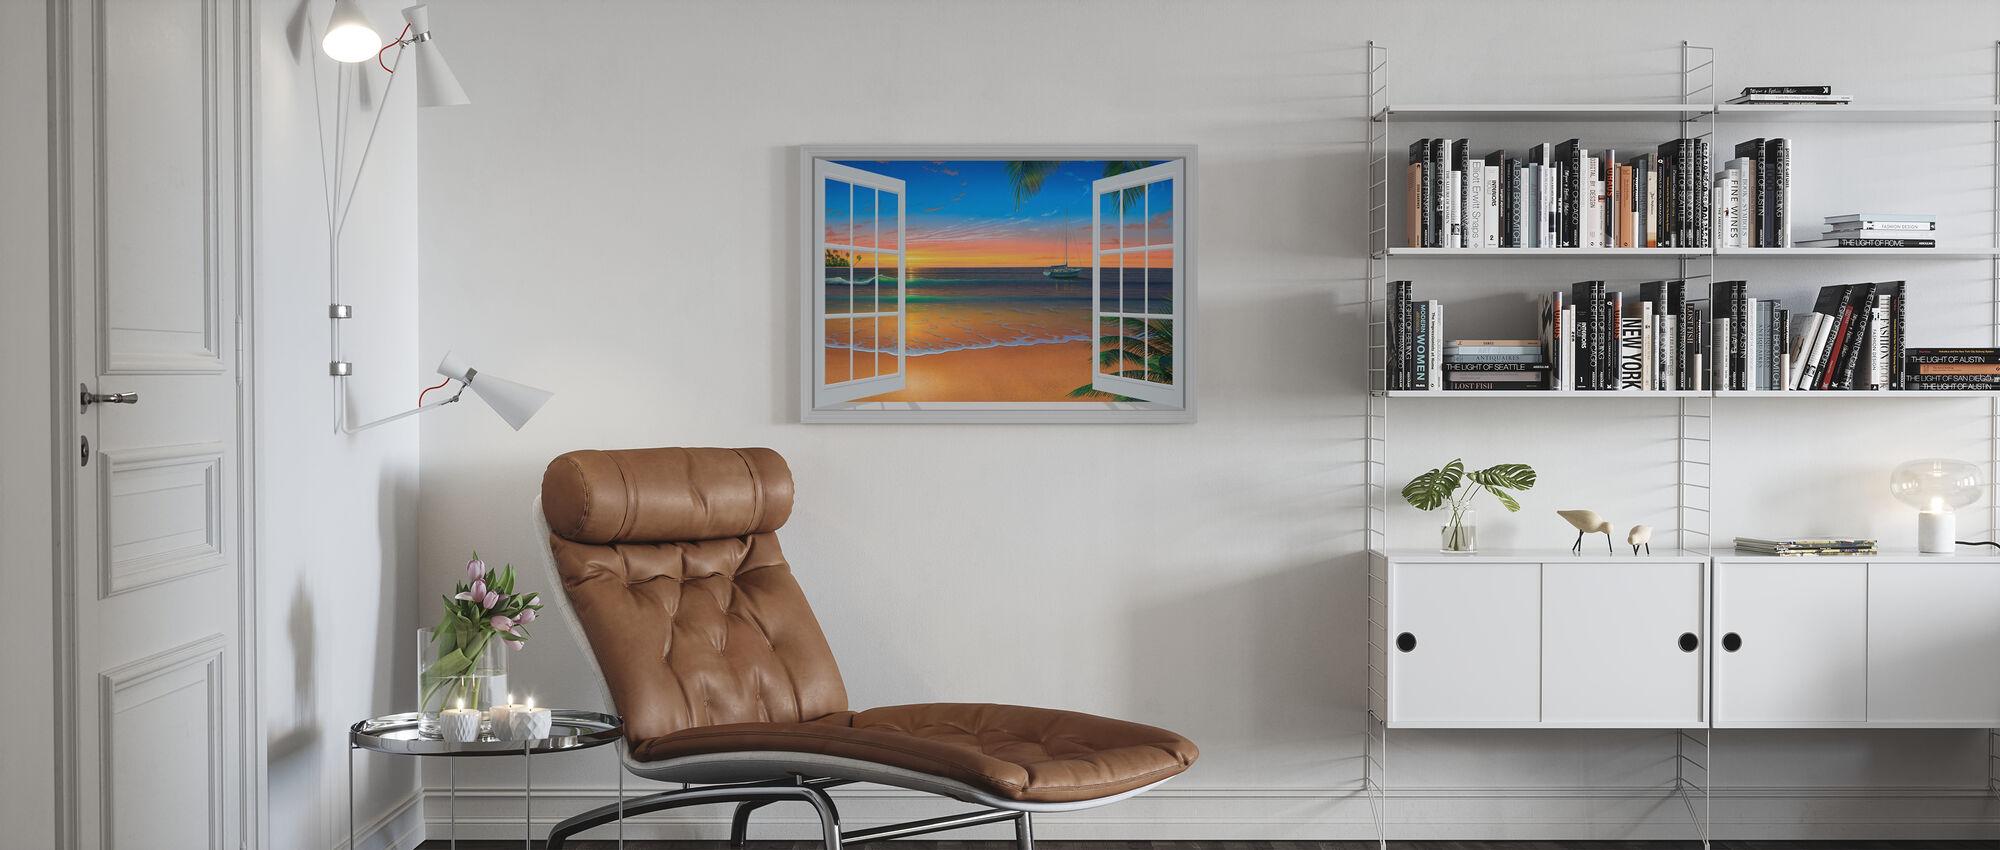 Solnedgång genom fönster - Canvastavla - Vardagsrum